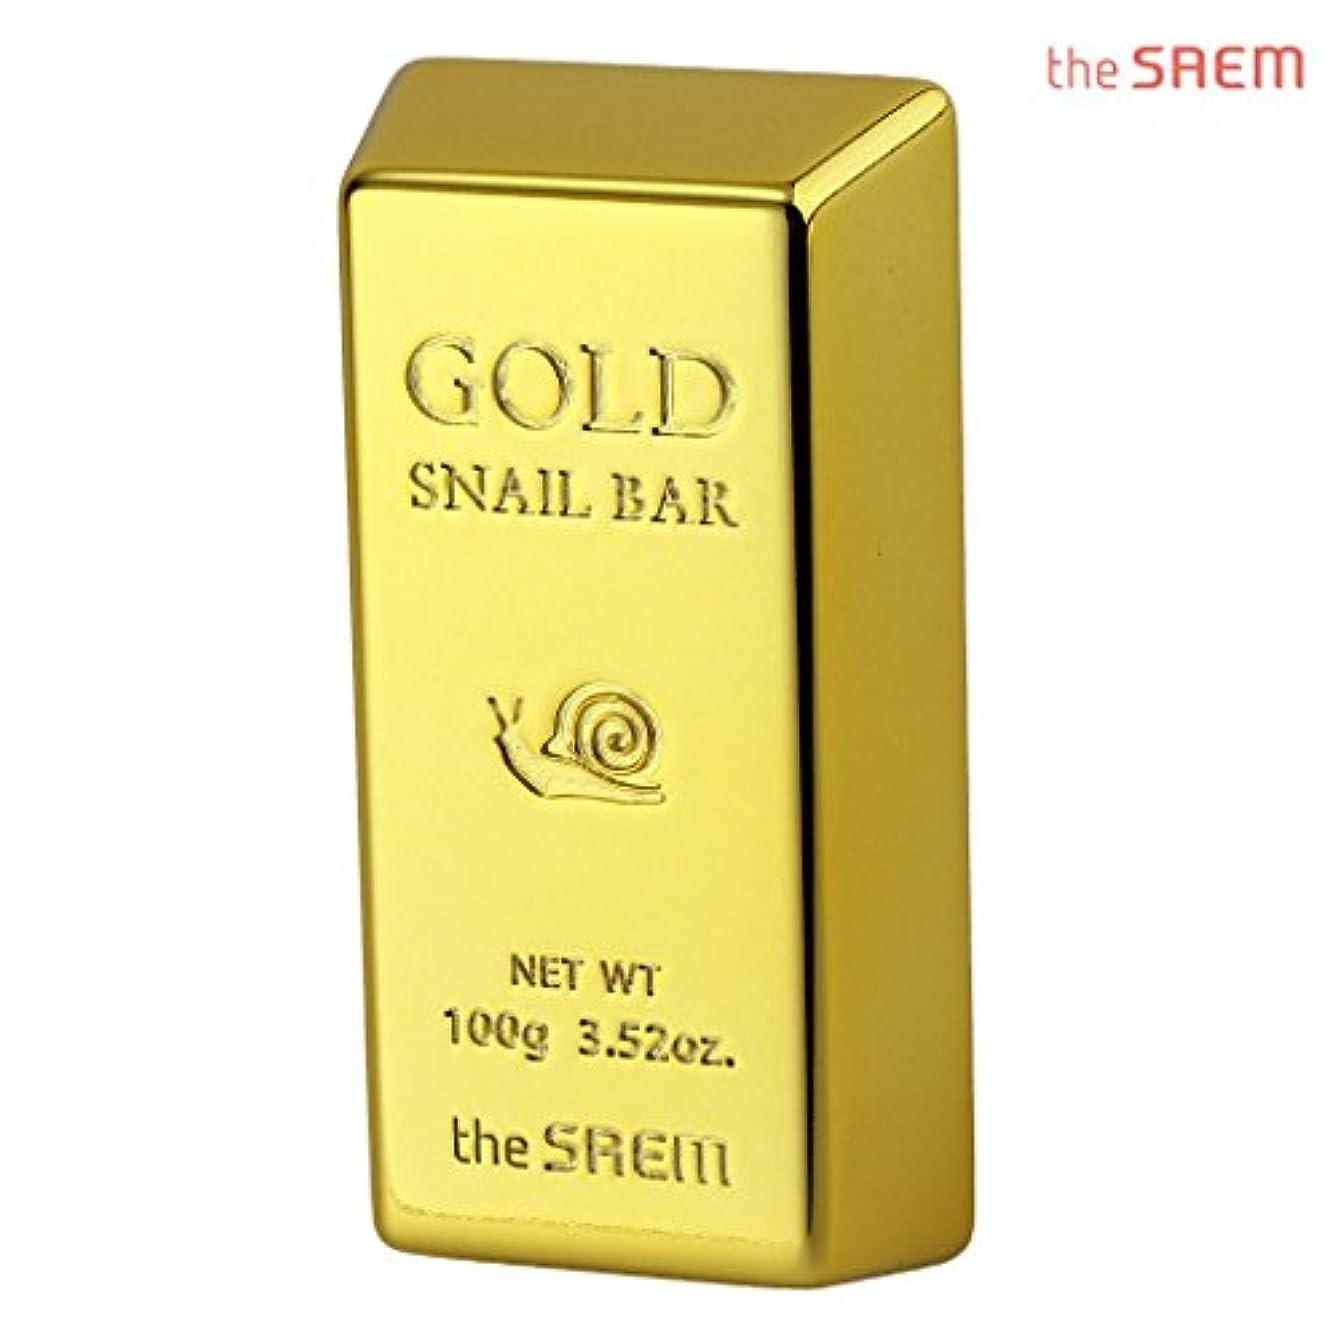 ひそかにオーラル億The Saem 24K gold snail premium facial soap セーム24Kゴールドカタツムリプレミアムフェイシャルソープ 石鹸 (100g) [海外直送品]